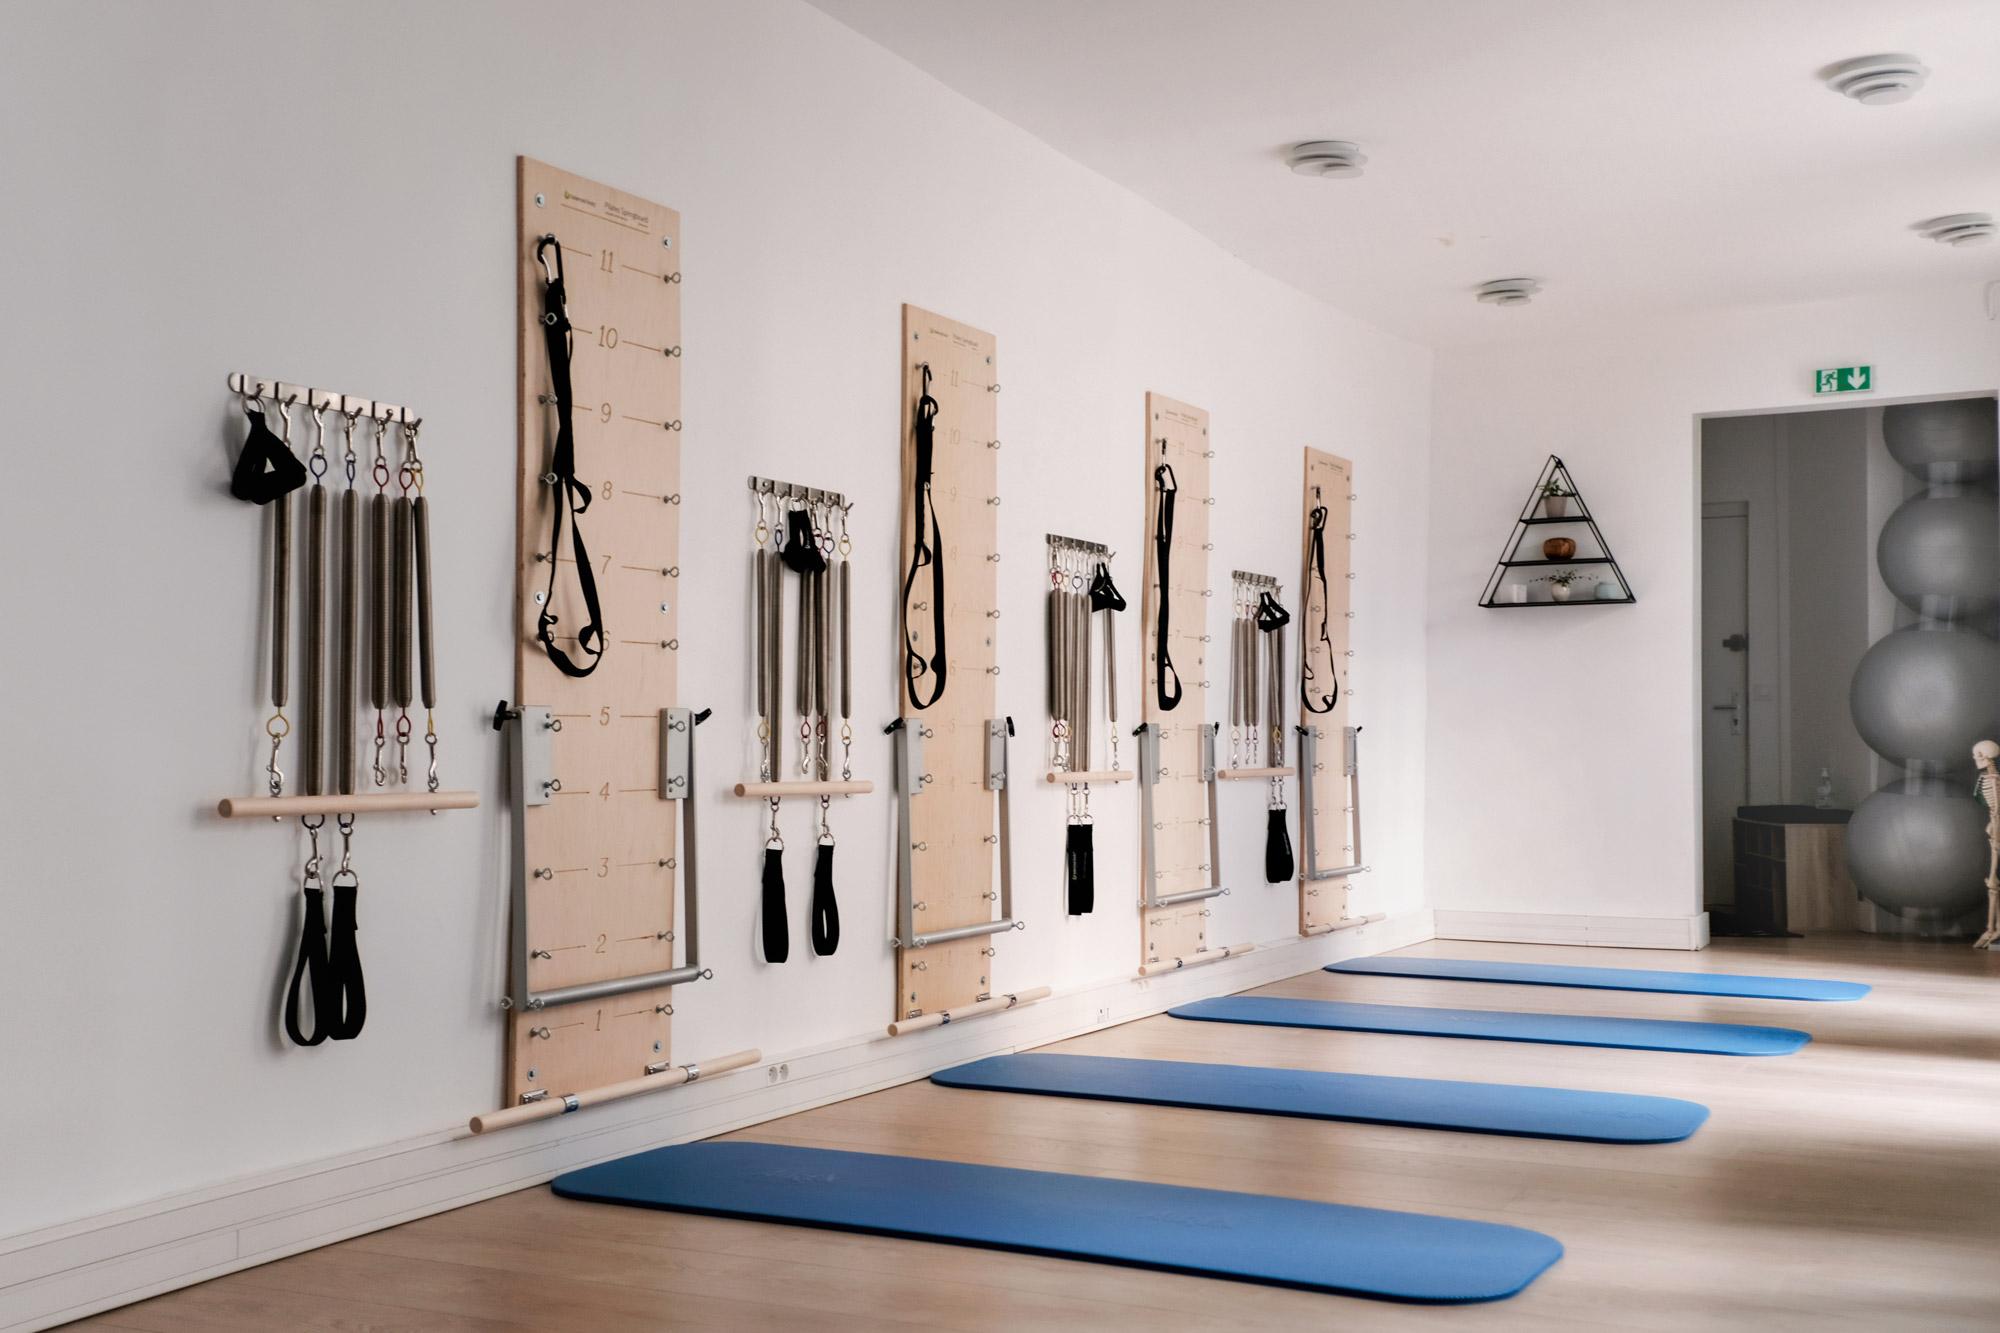 Studio Pilates avec Wall-unit et machine Paris